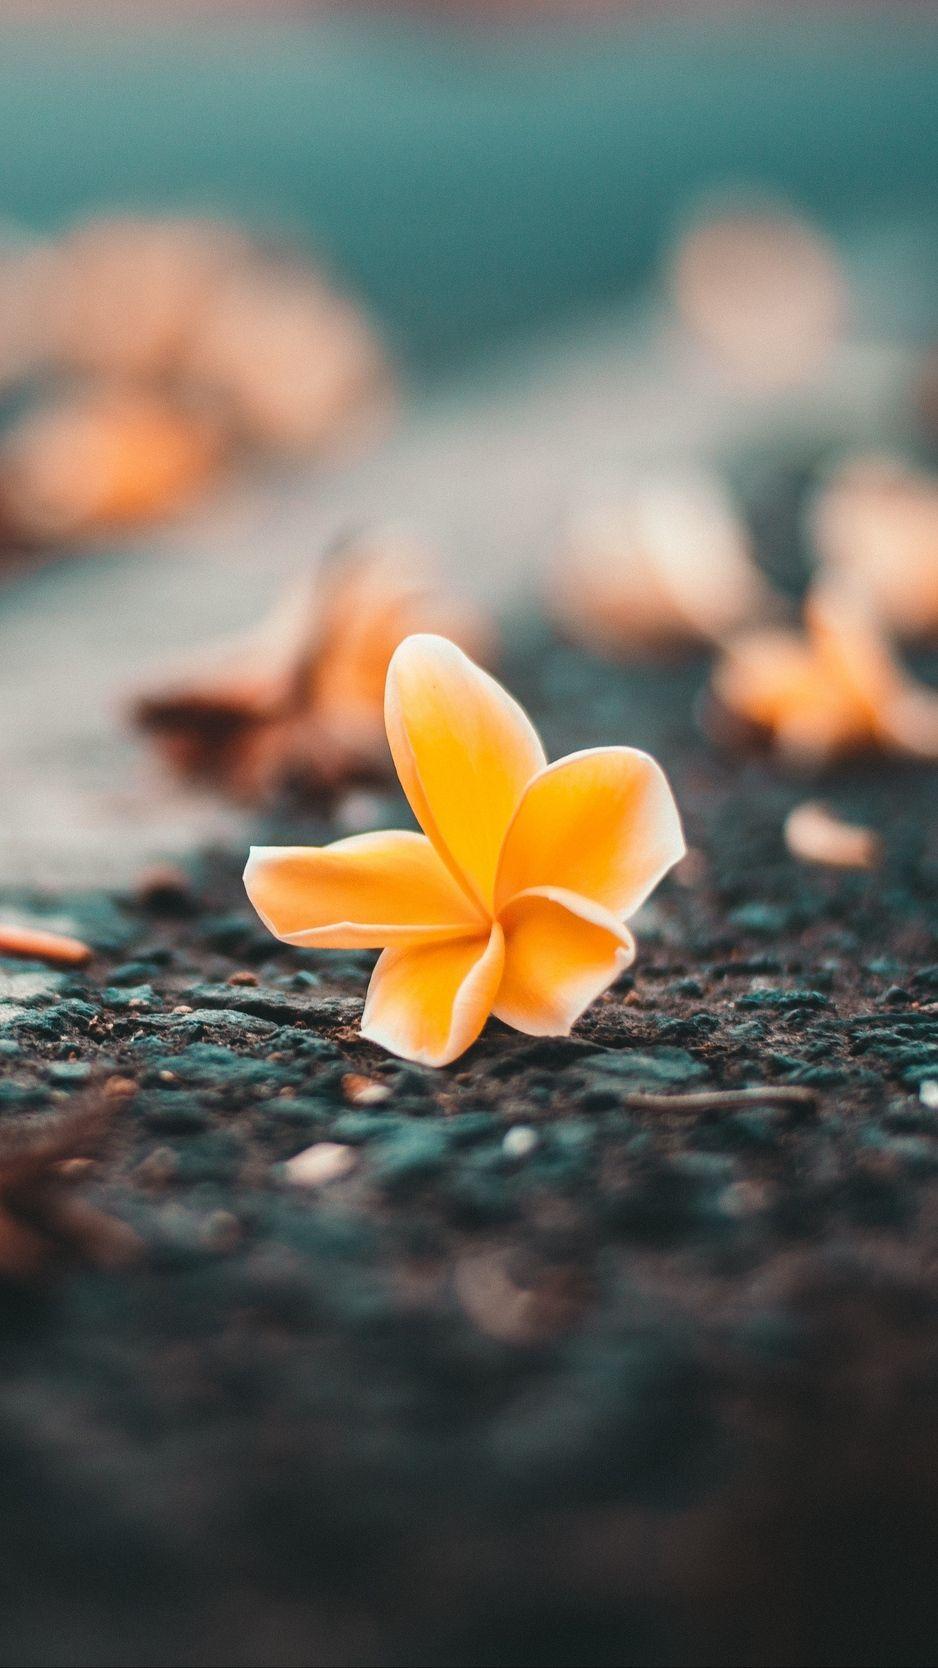 Ceratostylis Flower Close Up Blur Wallpaper Background Hd Flower Wallpaper Flower Phone Wallpaper Flower Wallpaper